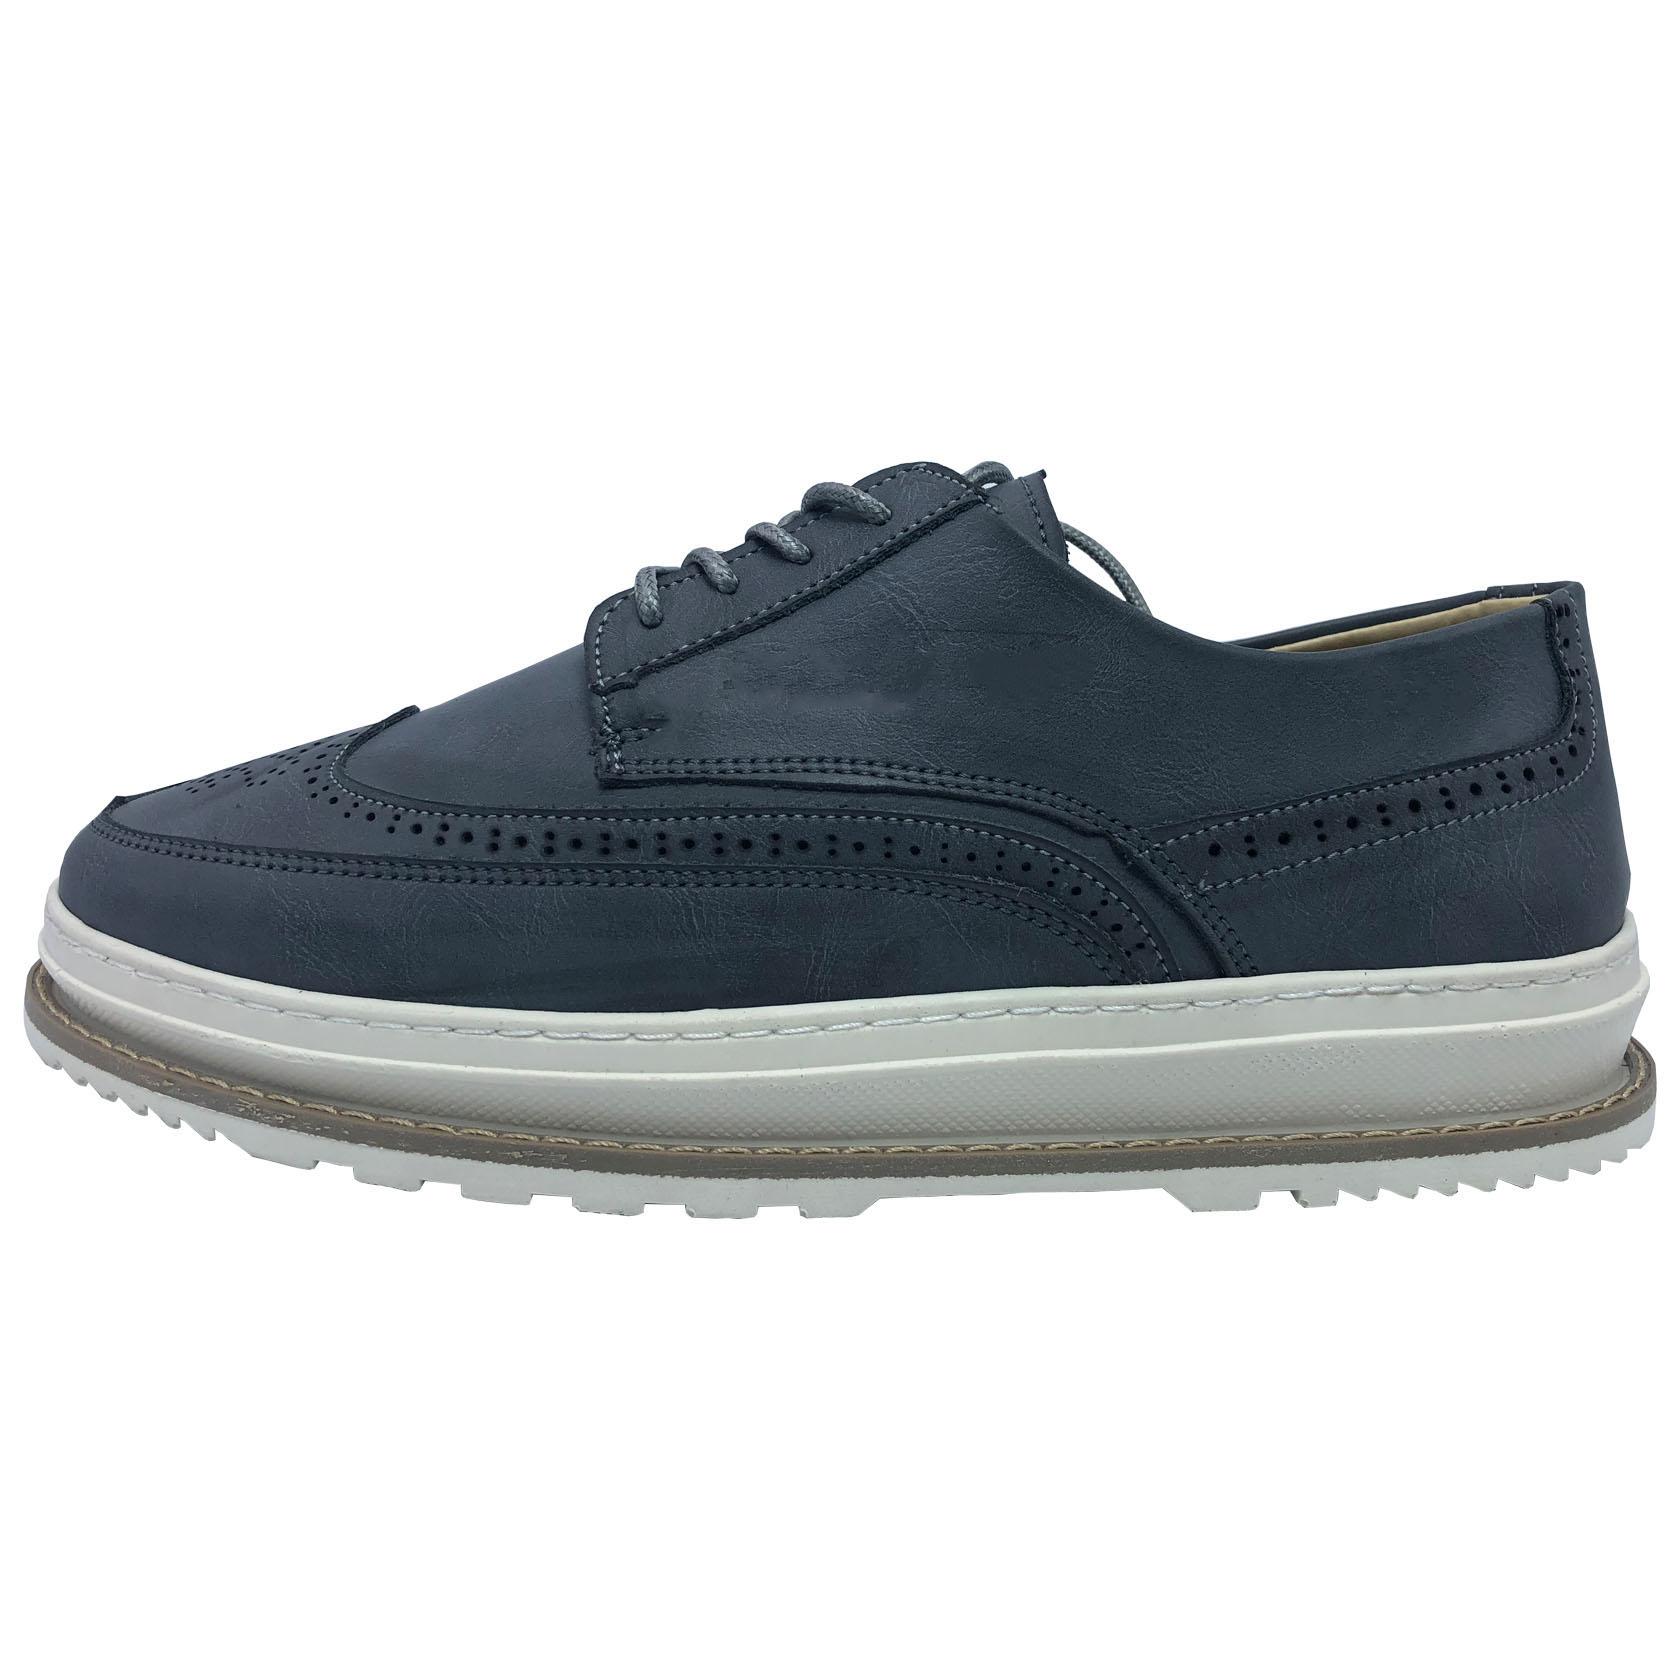 کفش روزمره مردانه کفش سعیدی کد j 303 j